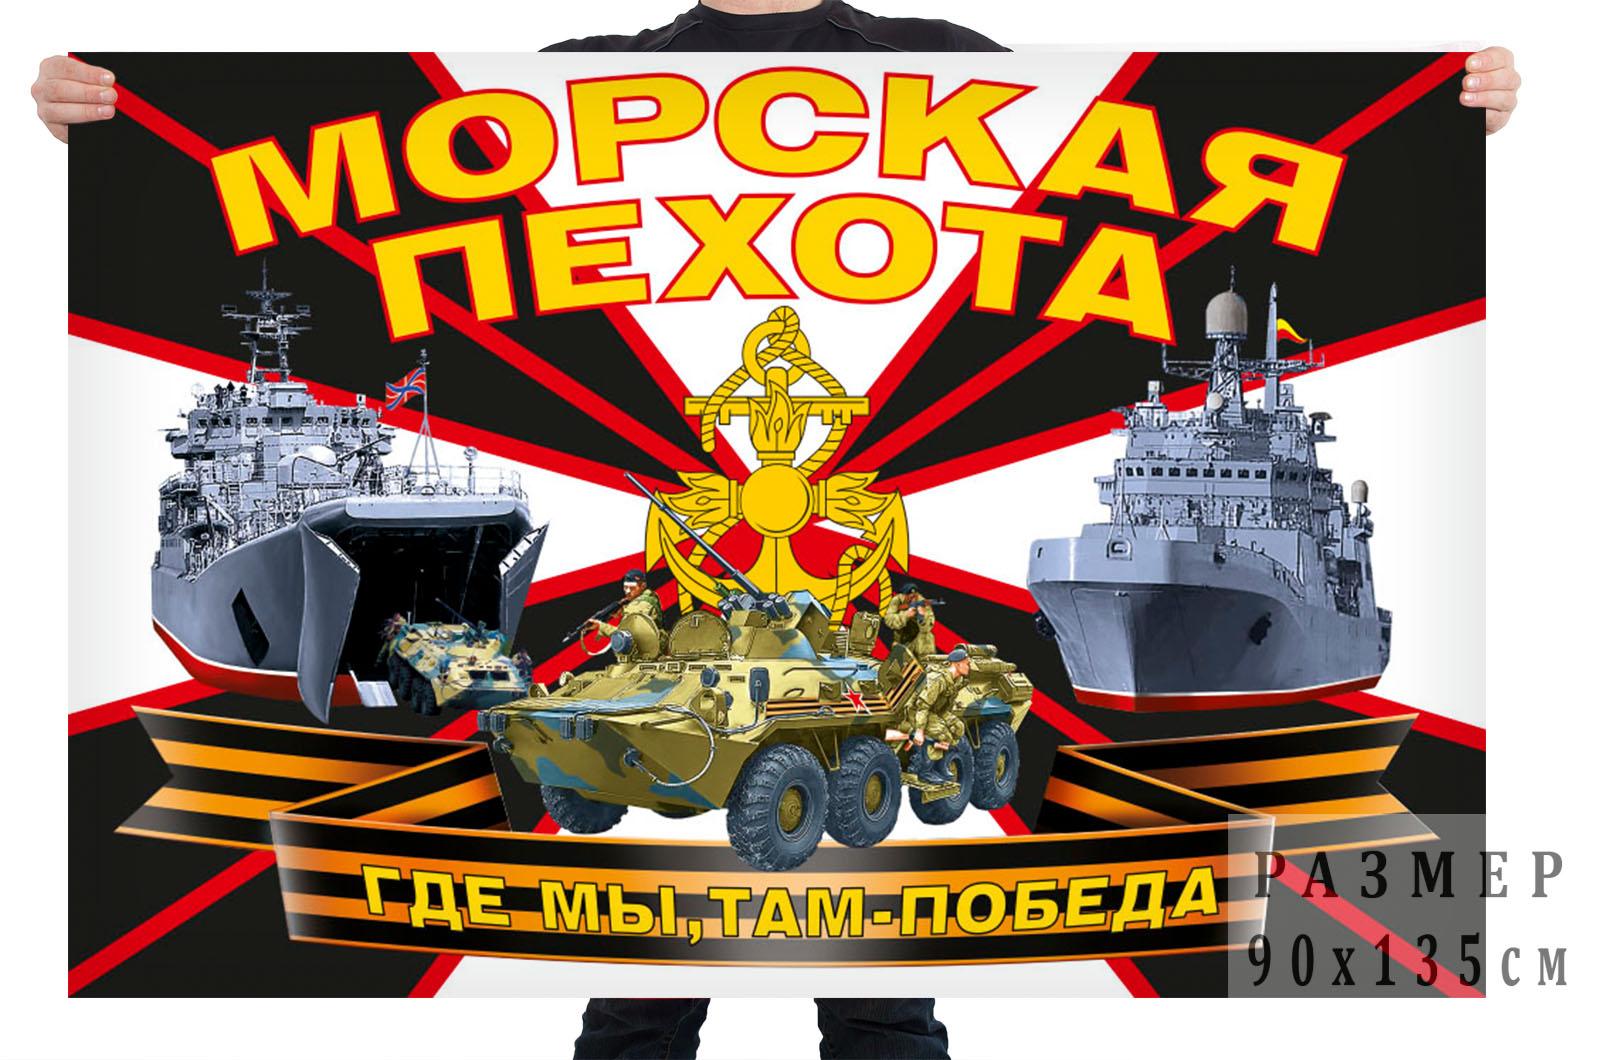 Новый флаг Морской пехоты с девизом